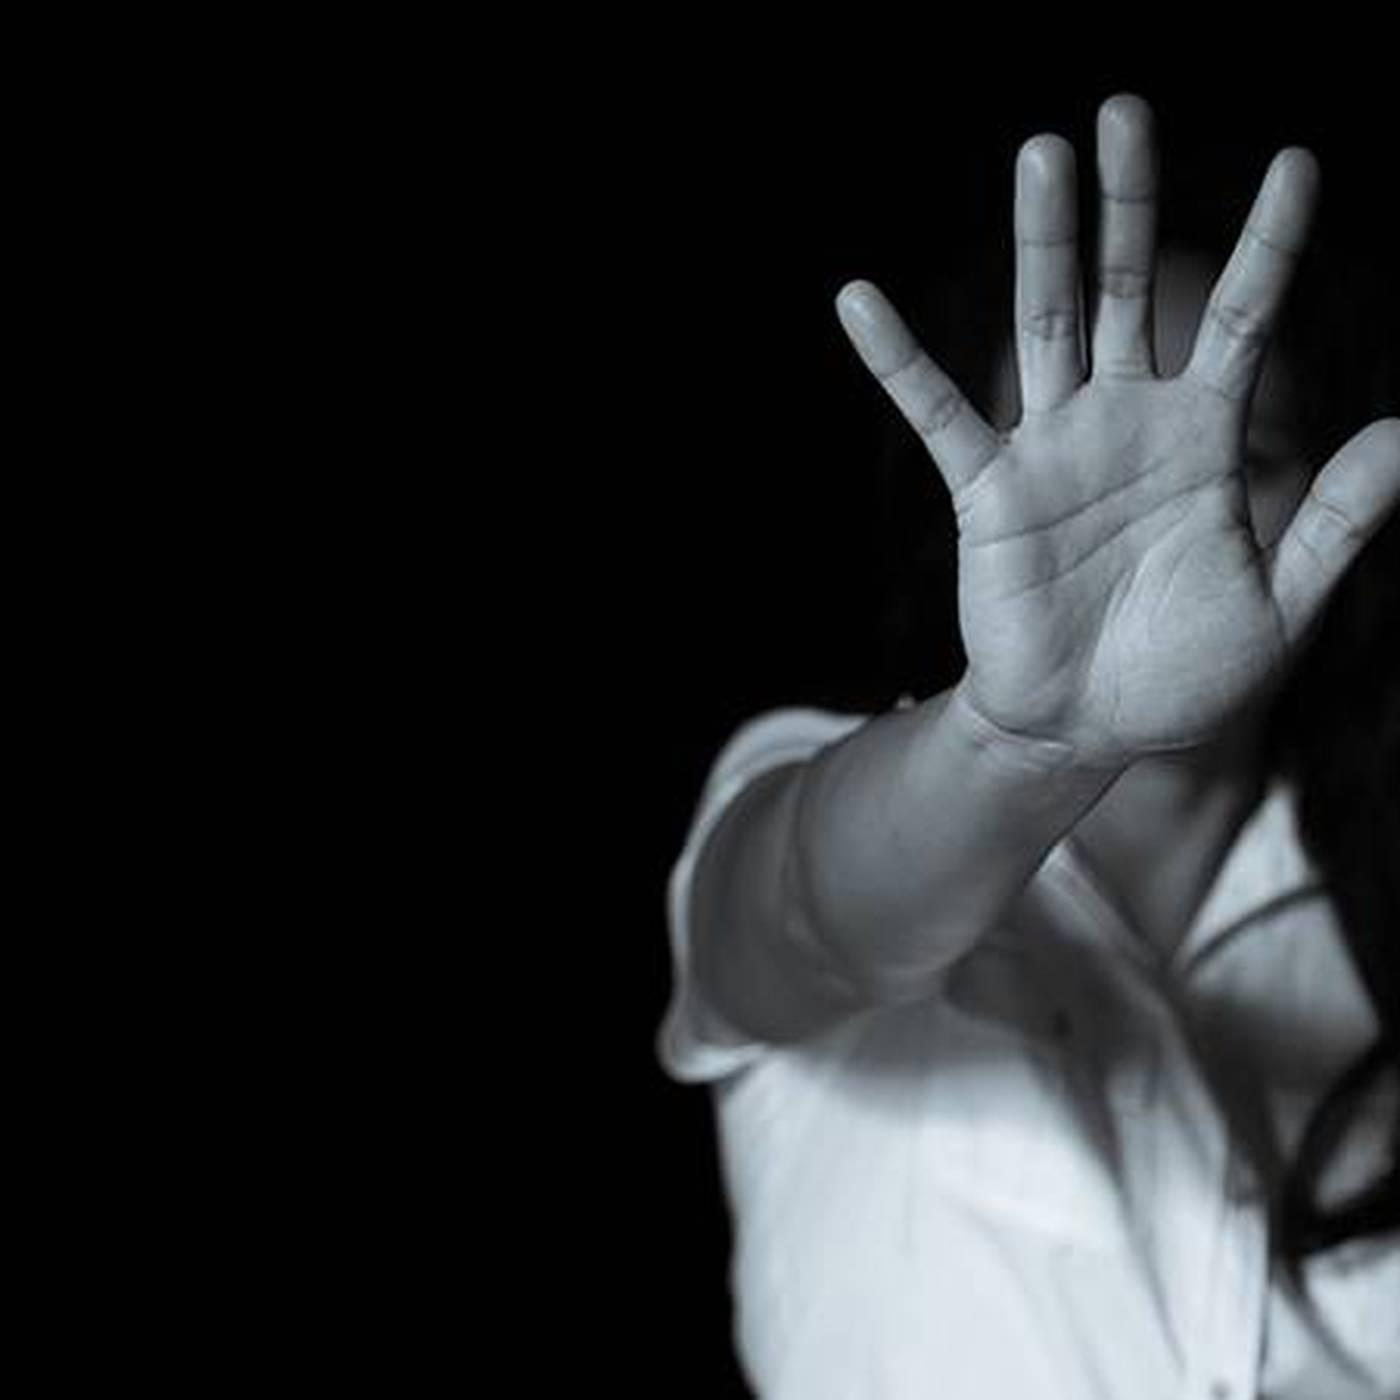 Pautas Femininas: Violência contra a mulher no Brasil